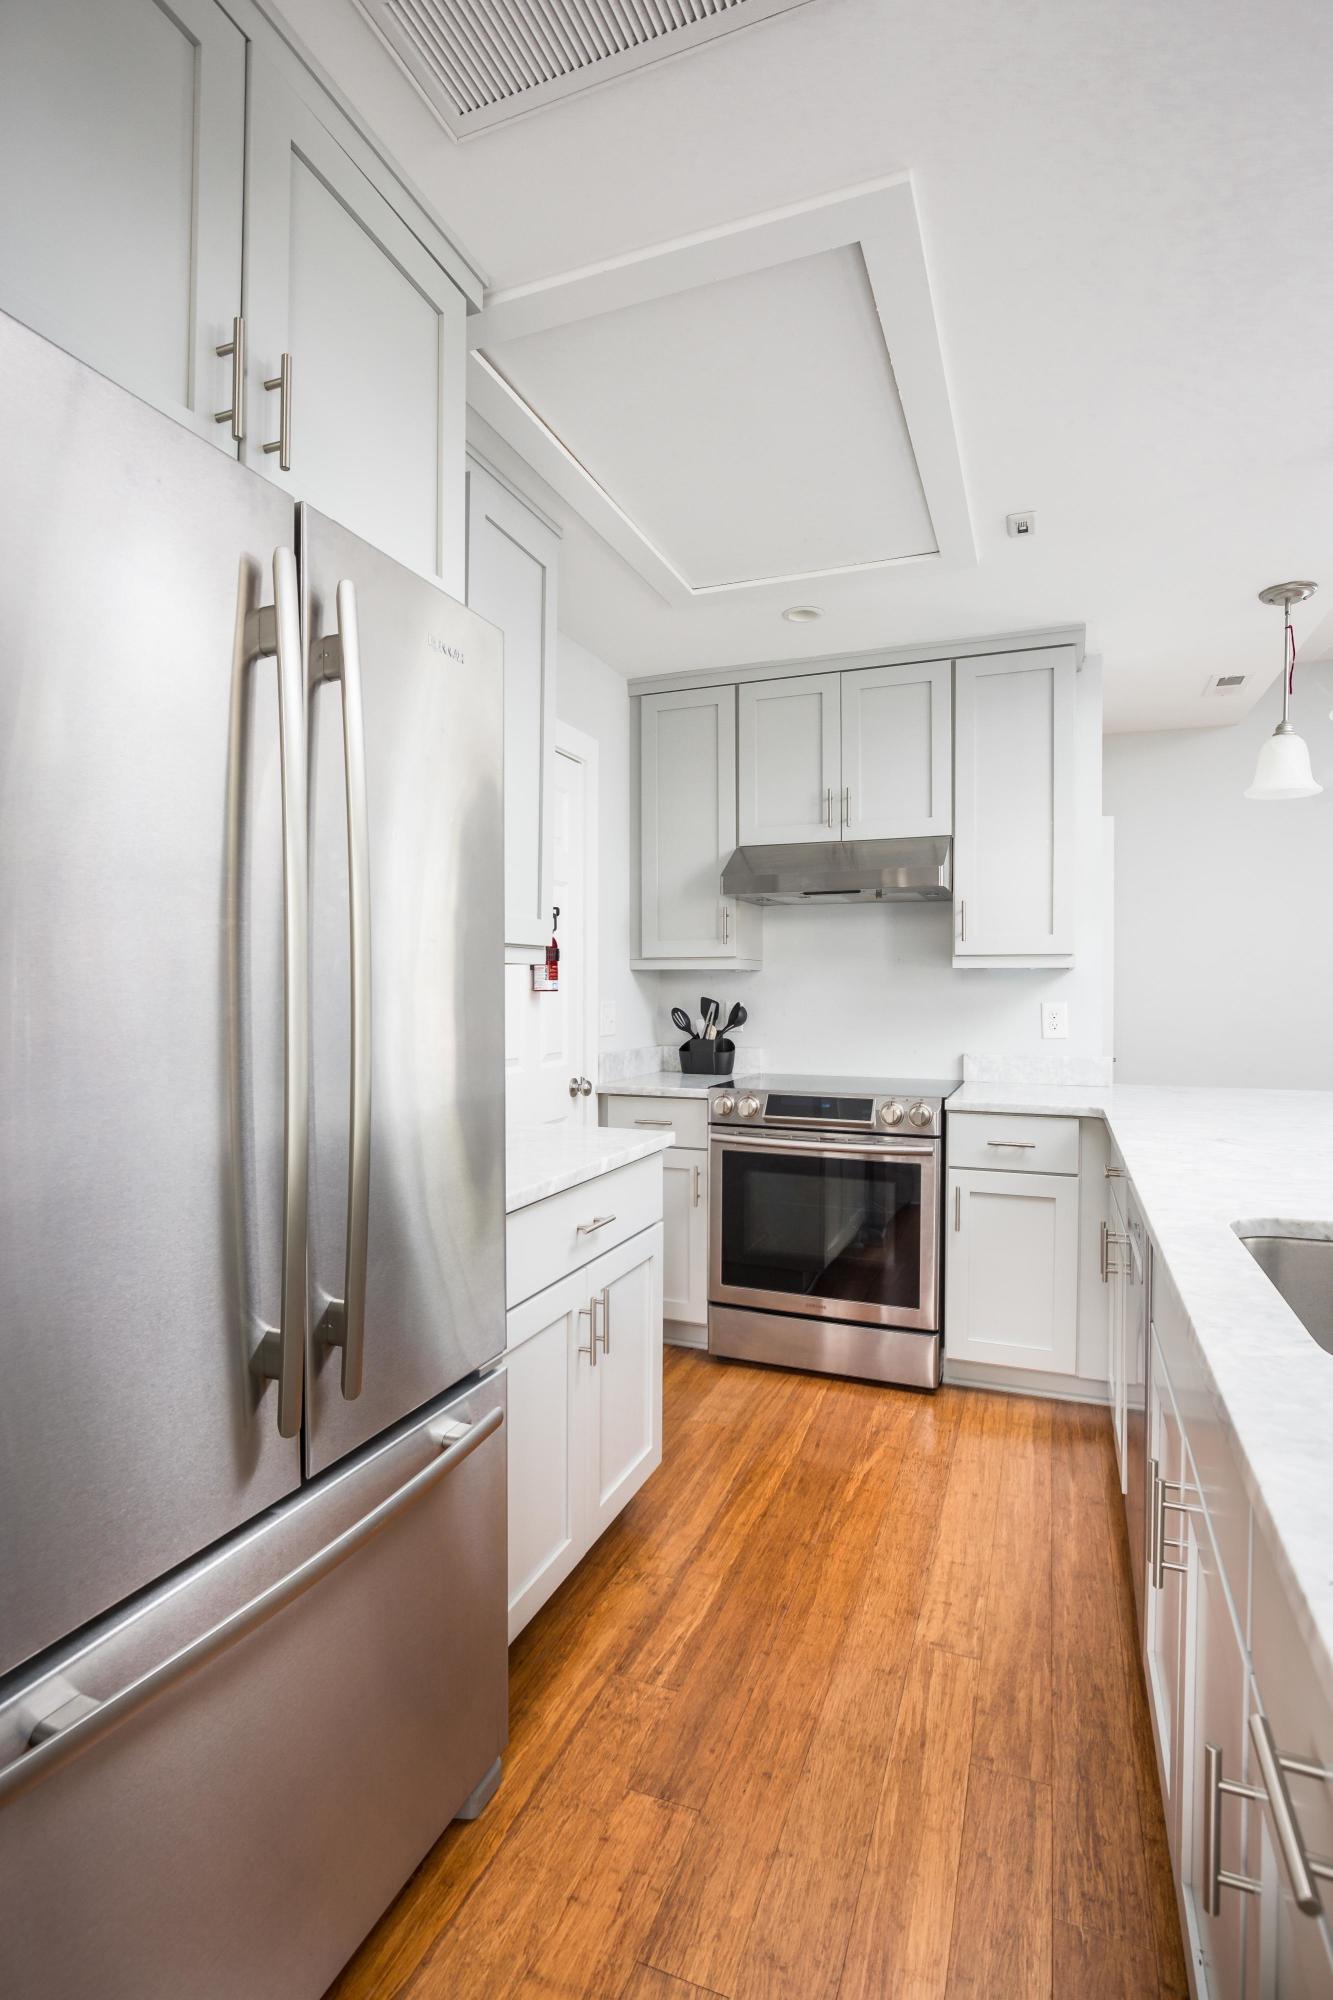 Radcliffeborough Homes For Sale - 61 Dereef, Charleston, SC - 2